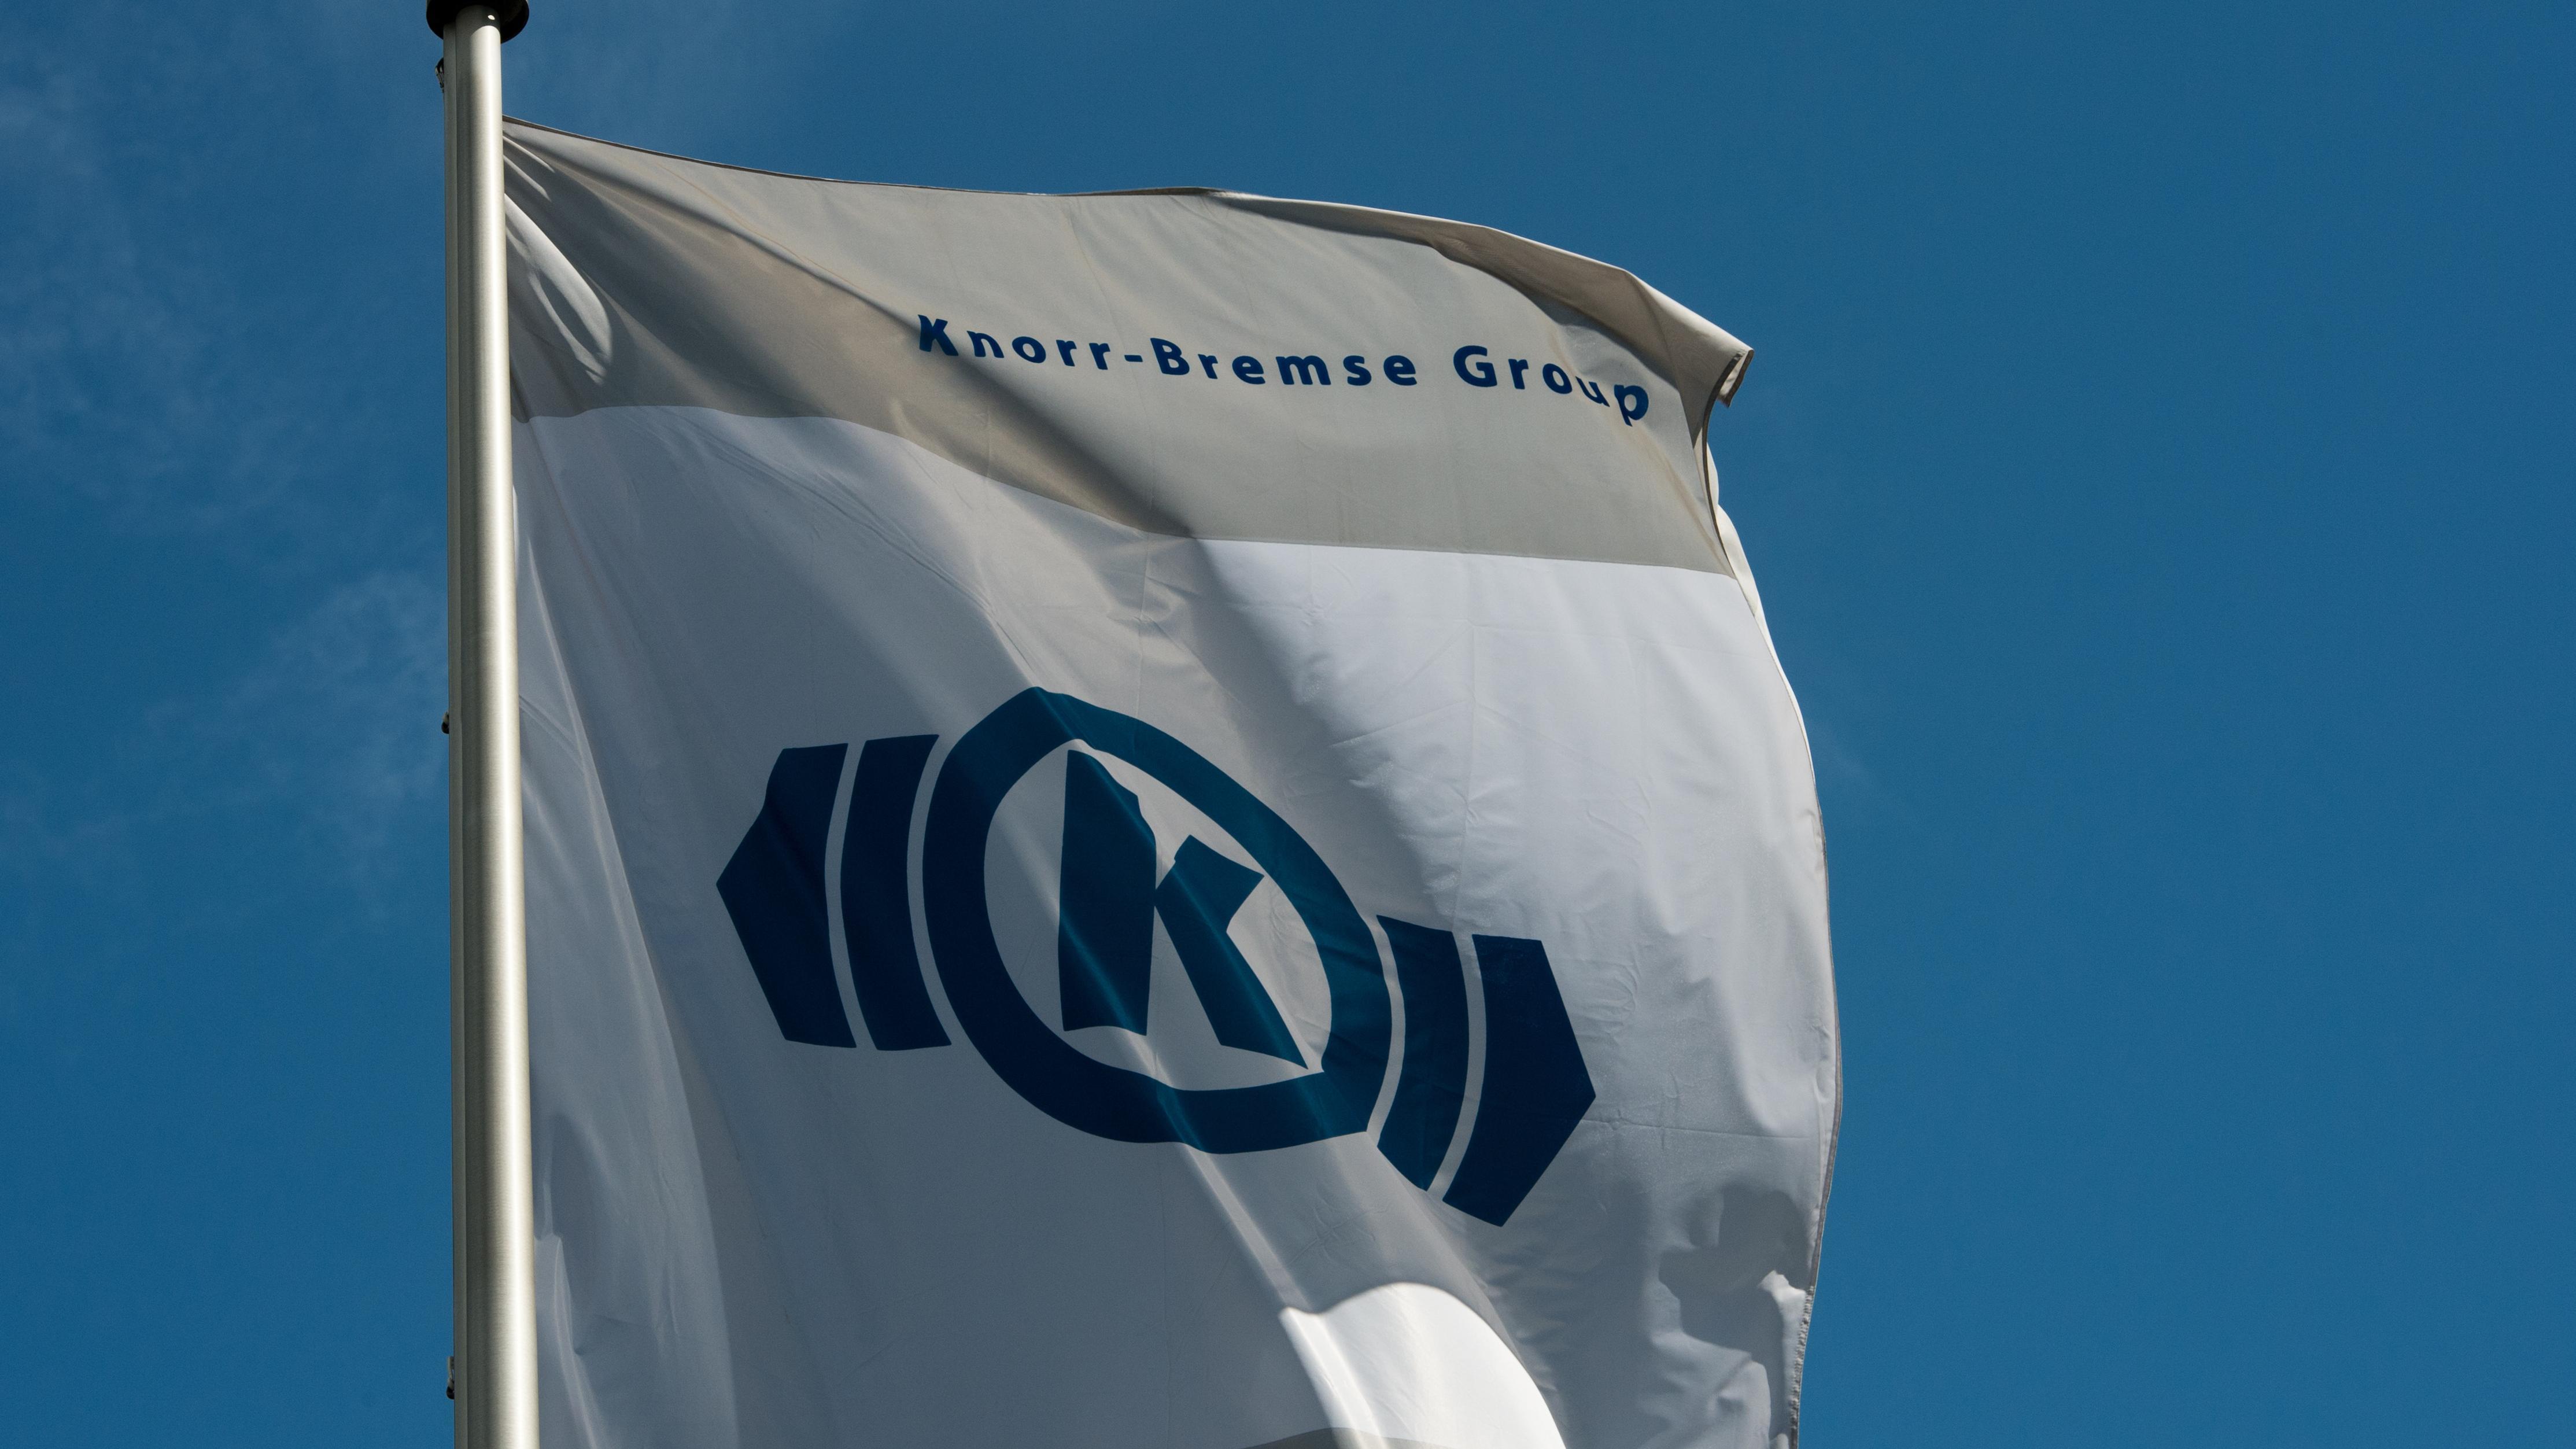 Fahne der Knorr-Bremse Group